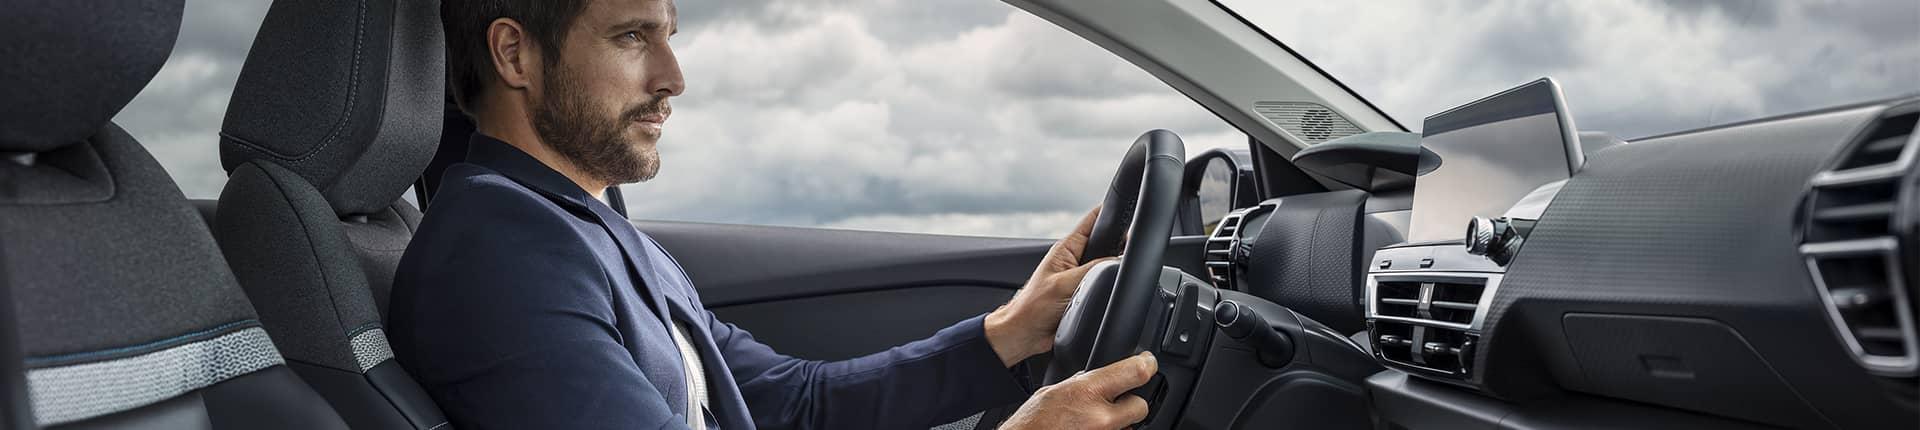 achat voiture,location longue durée,leasing voiture,location option achat,crédit bail,sans apport